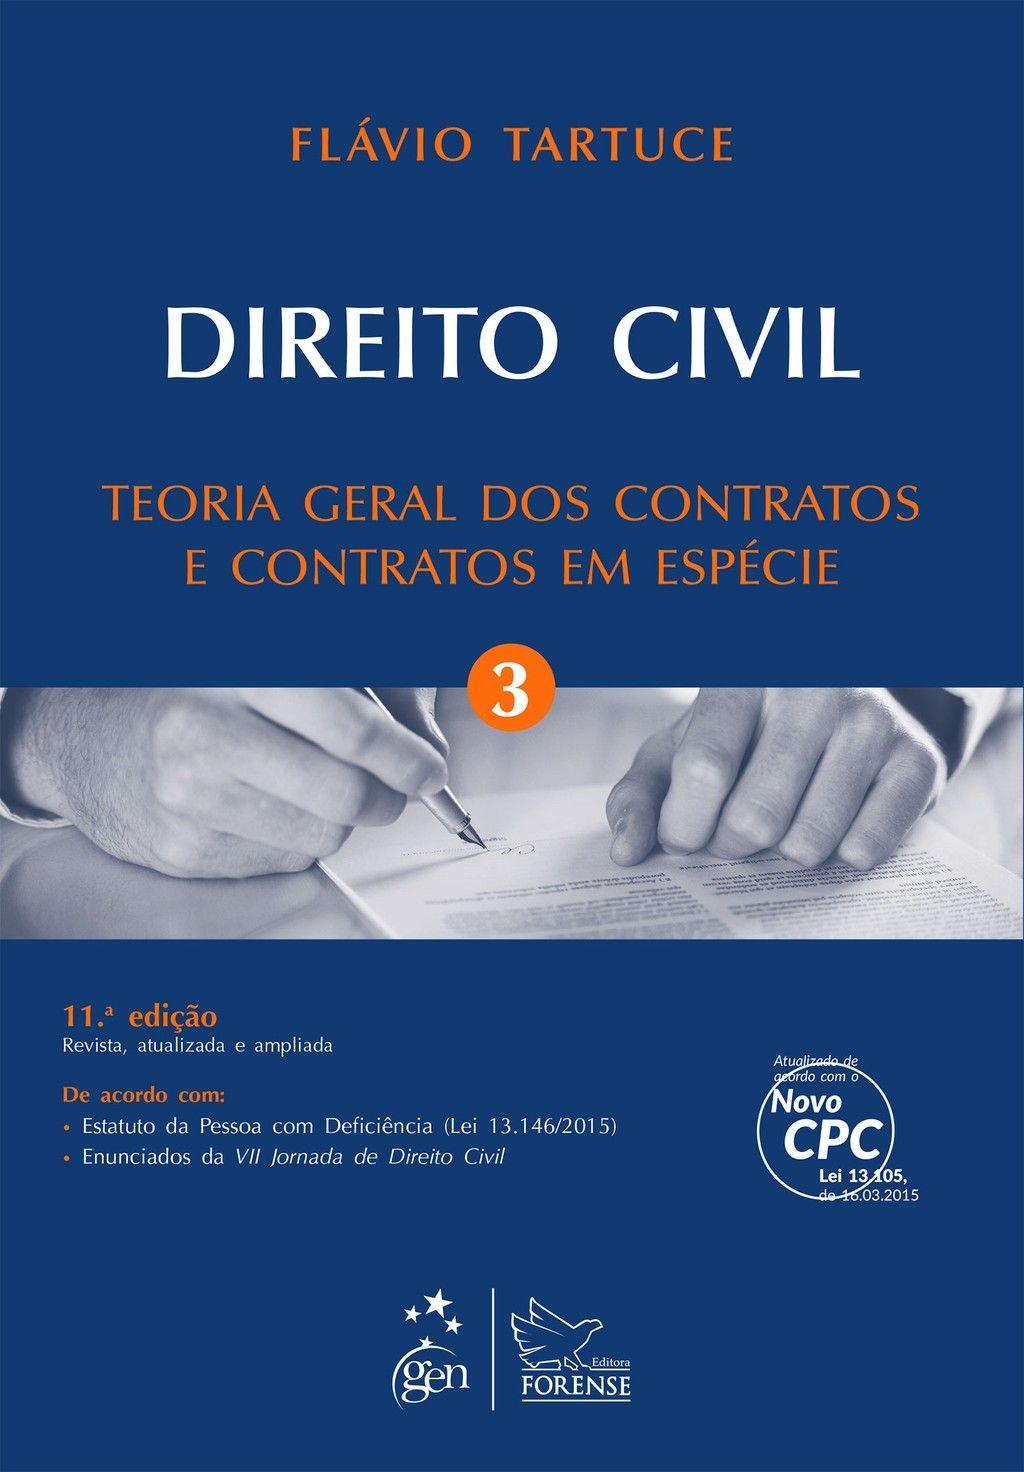 Novo Sorteio Direito Civil Volume 3 20 de fevereiro de 2016